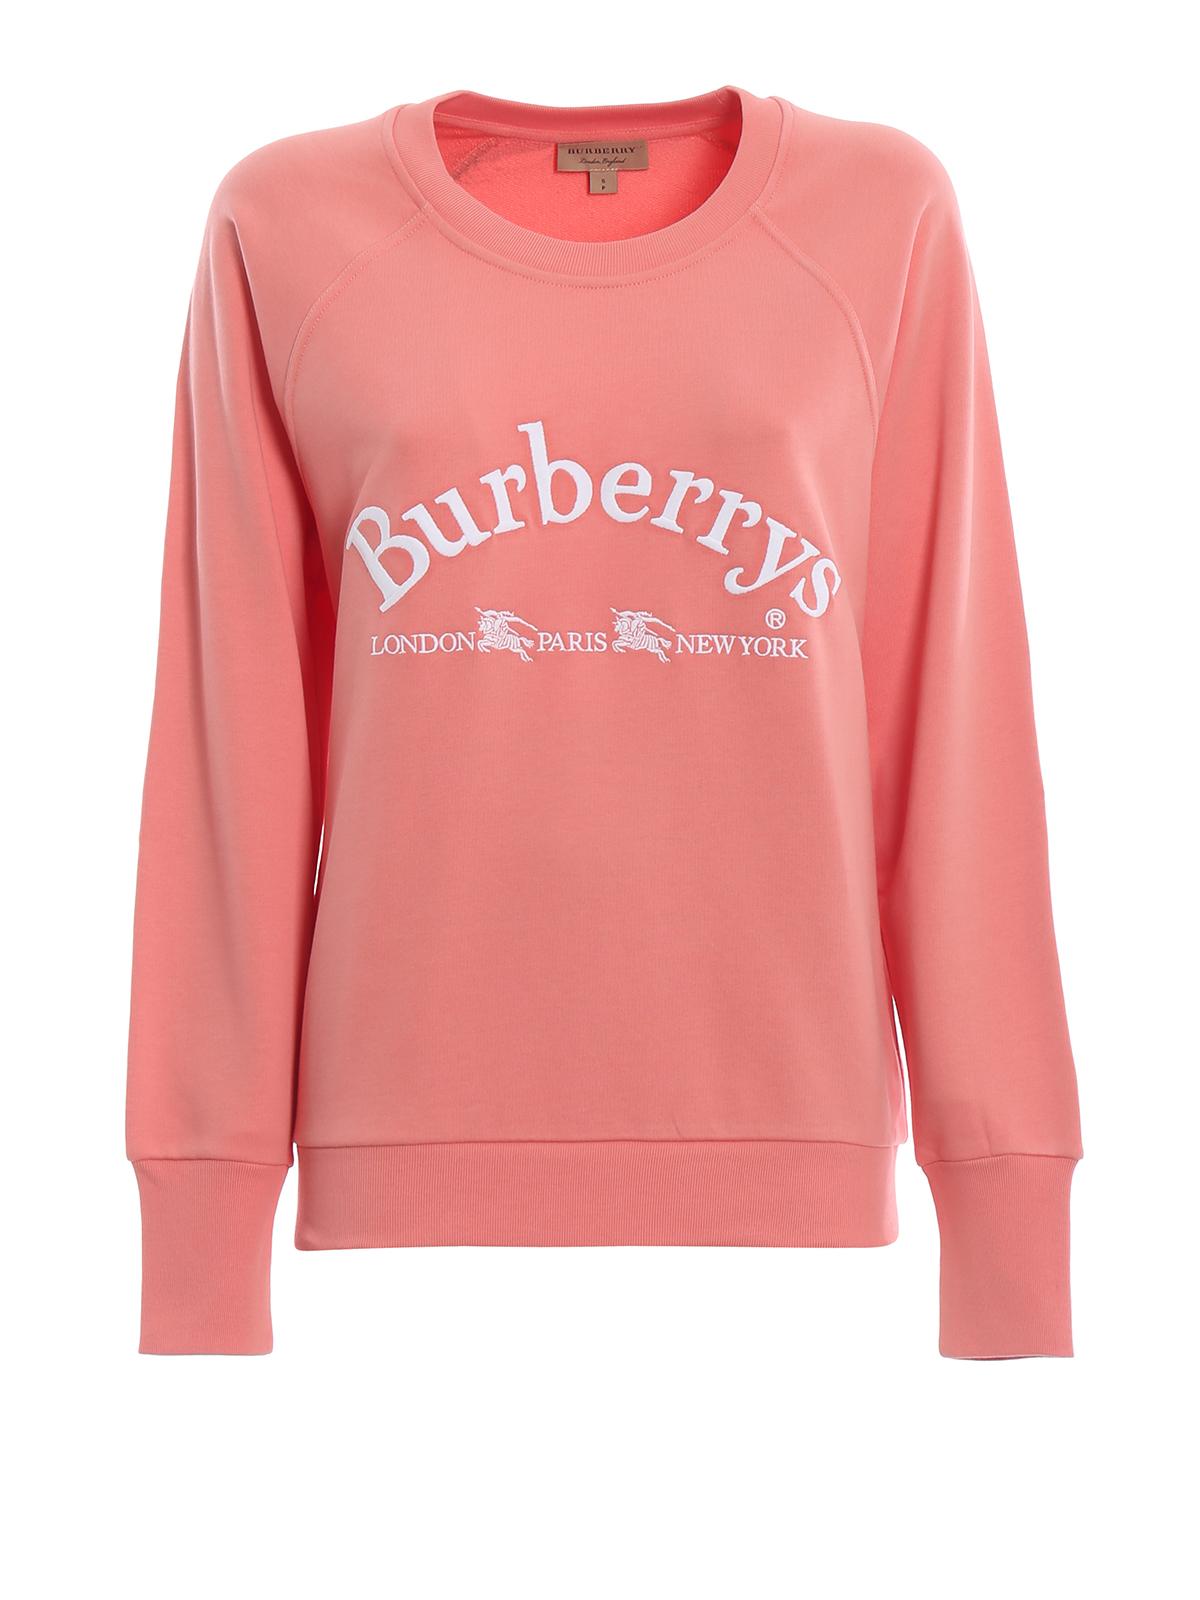 burberry pink sweatshirt